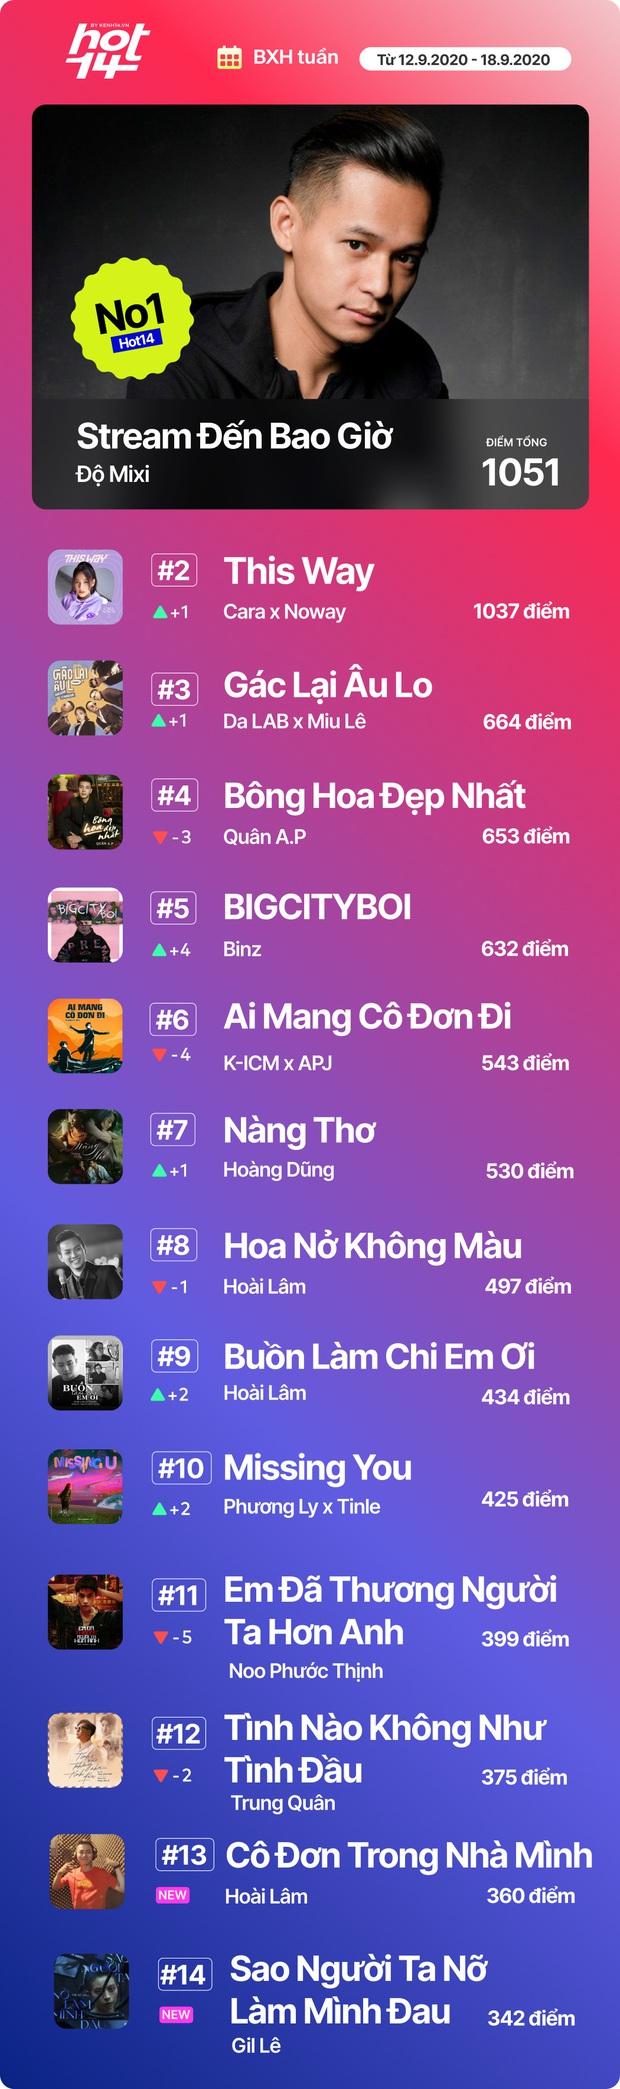 Độ Mixi vượt loạt thứ dữ để giành No.1 HOT14; Binz, Hoài Lâm và Da LAB có thành tích đáng ngạc nhiên! - Ảnh 16.